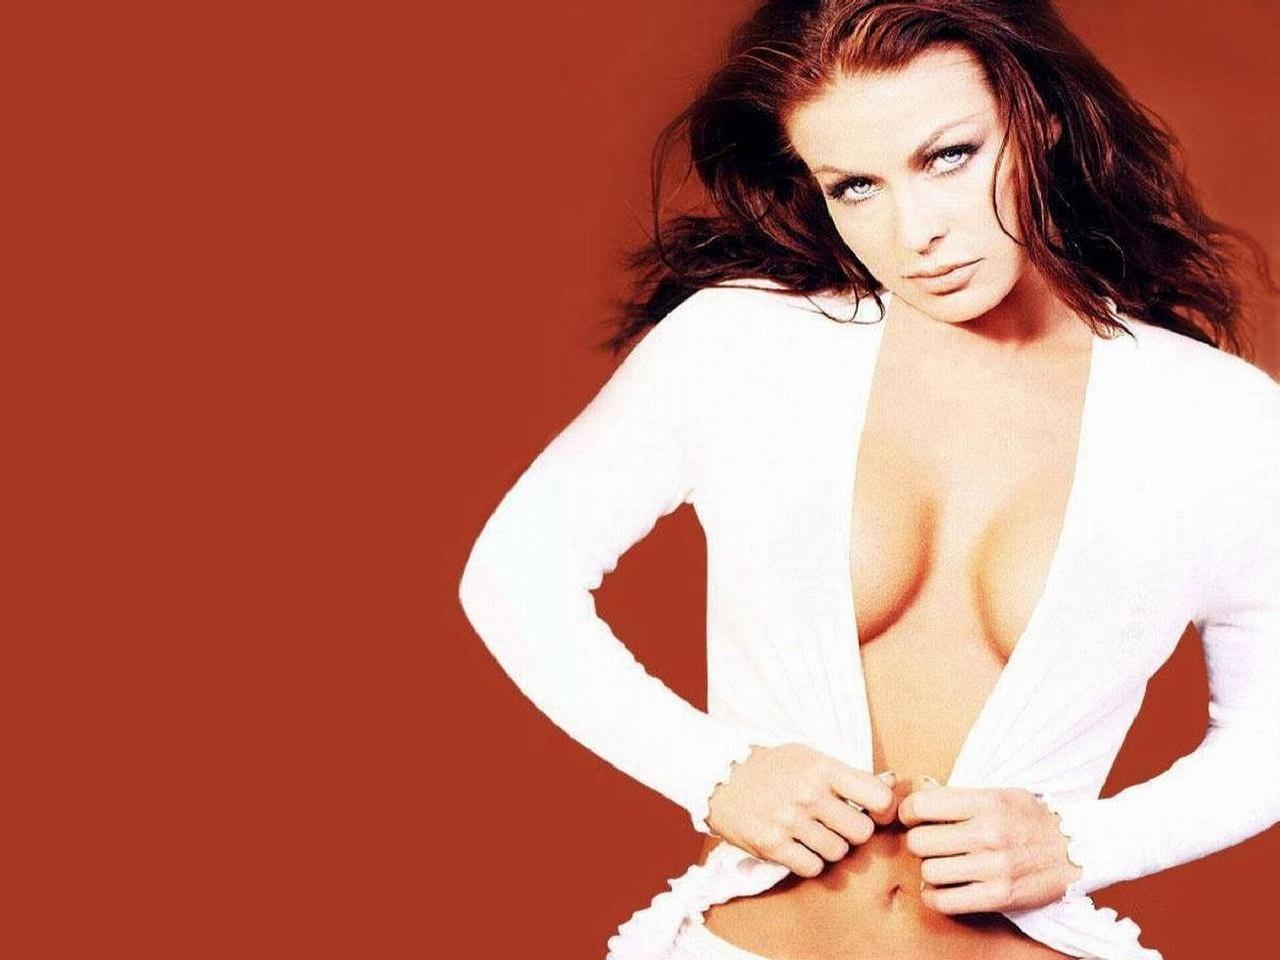 Wallpaper di Carmen Electra su fondo rosso